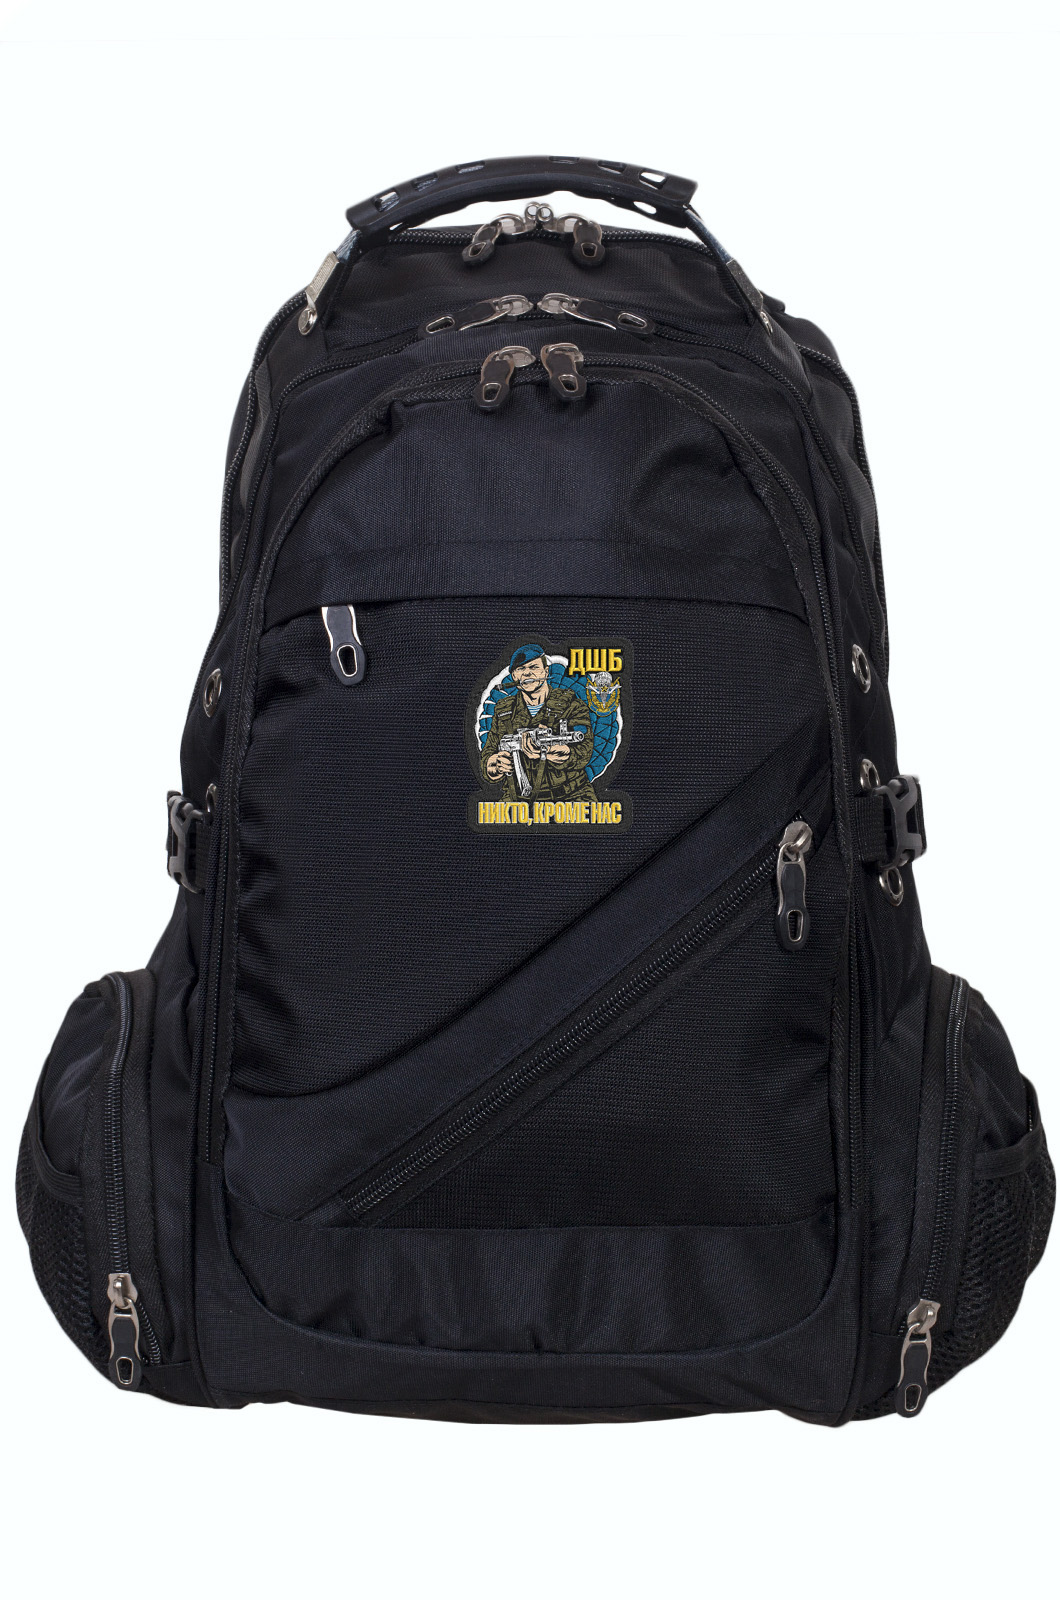 Отличный мужской рюкзак с шевроном ДШБ